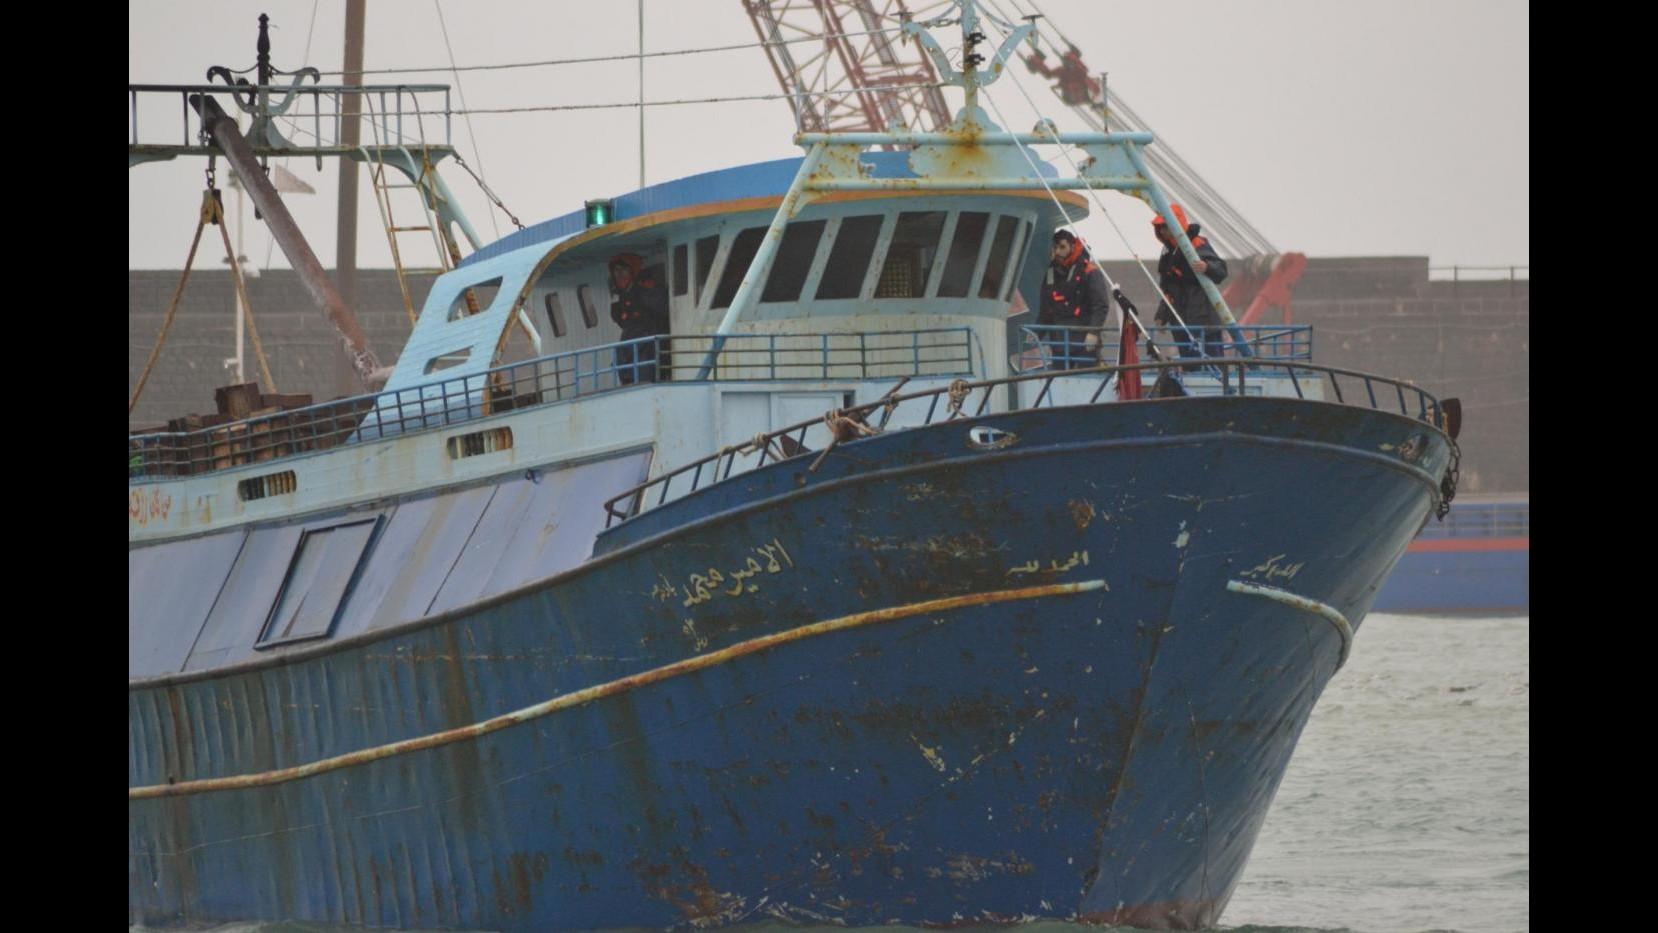 Sbarchi, marina militare soccorre barcone a nord della Libia